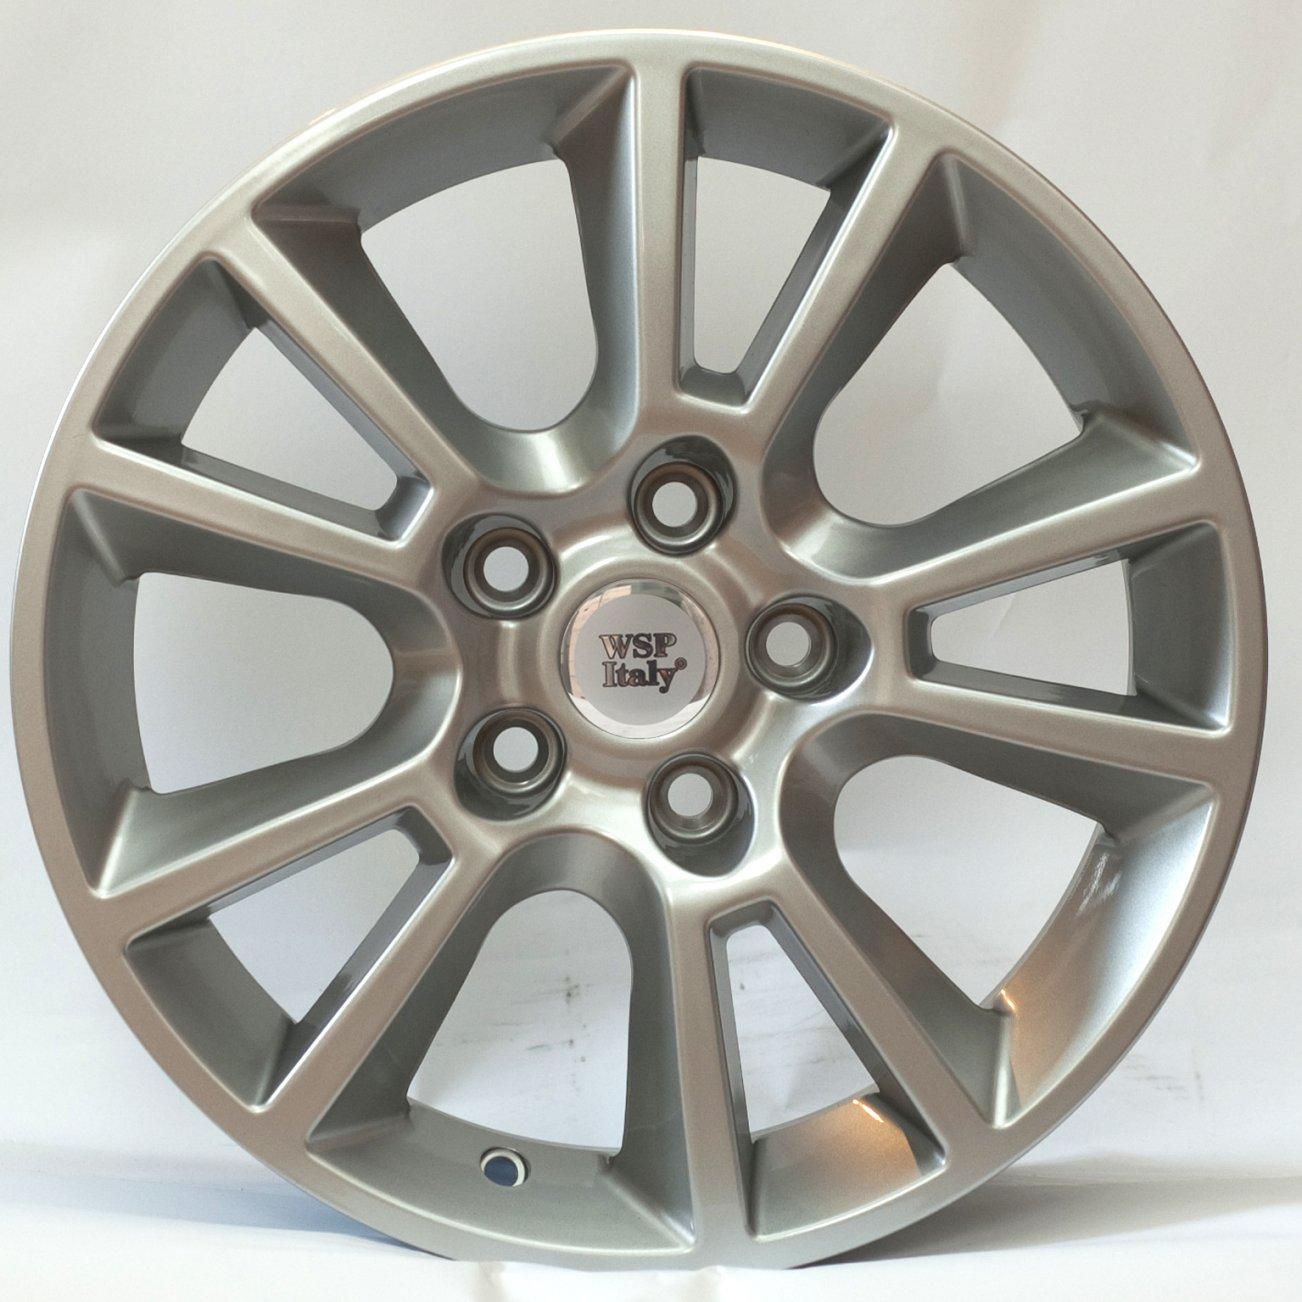 WSP Italy Opel (W2502) Strike 6,5x15 5x110 ET37 DIA65,1 (silver)